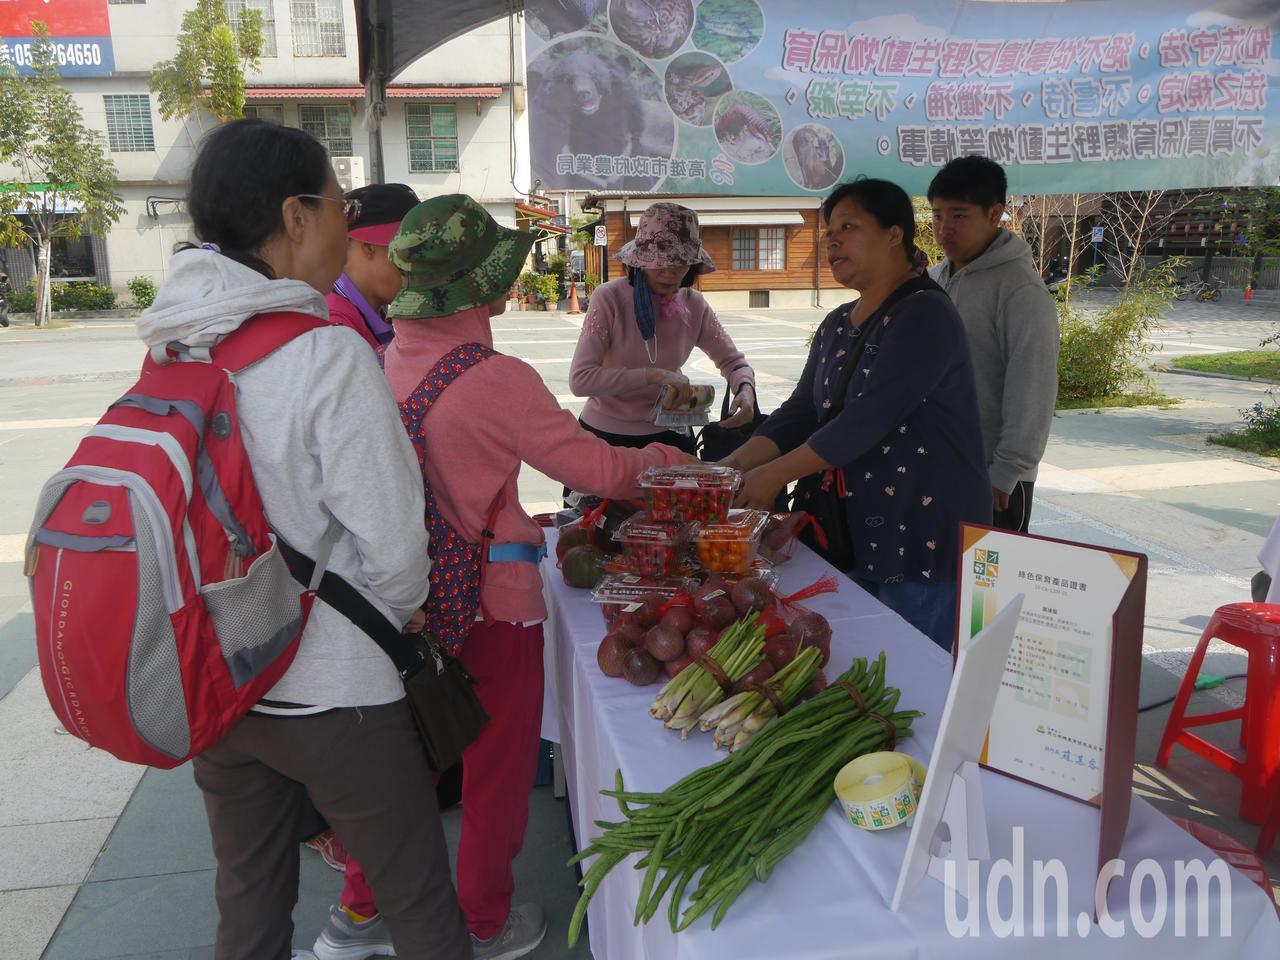 友善耕作的農民展售農產品,推廣綠色保育理念。記者徐白櫻/攝影